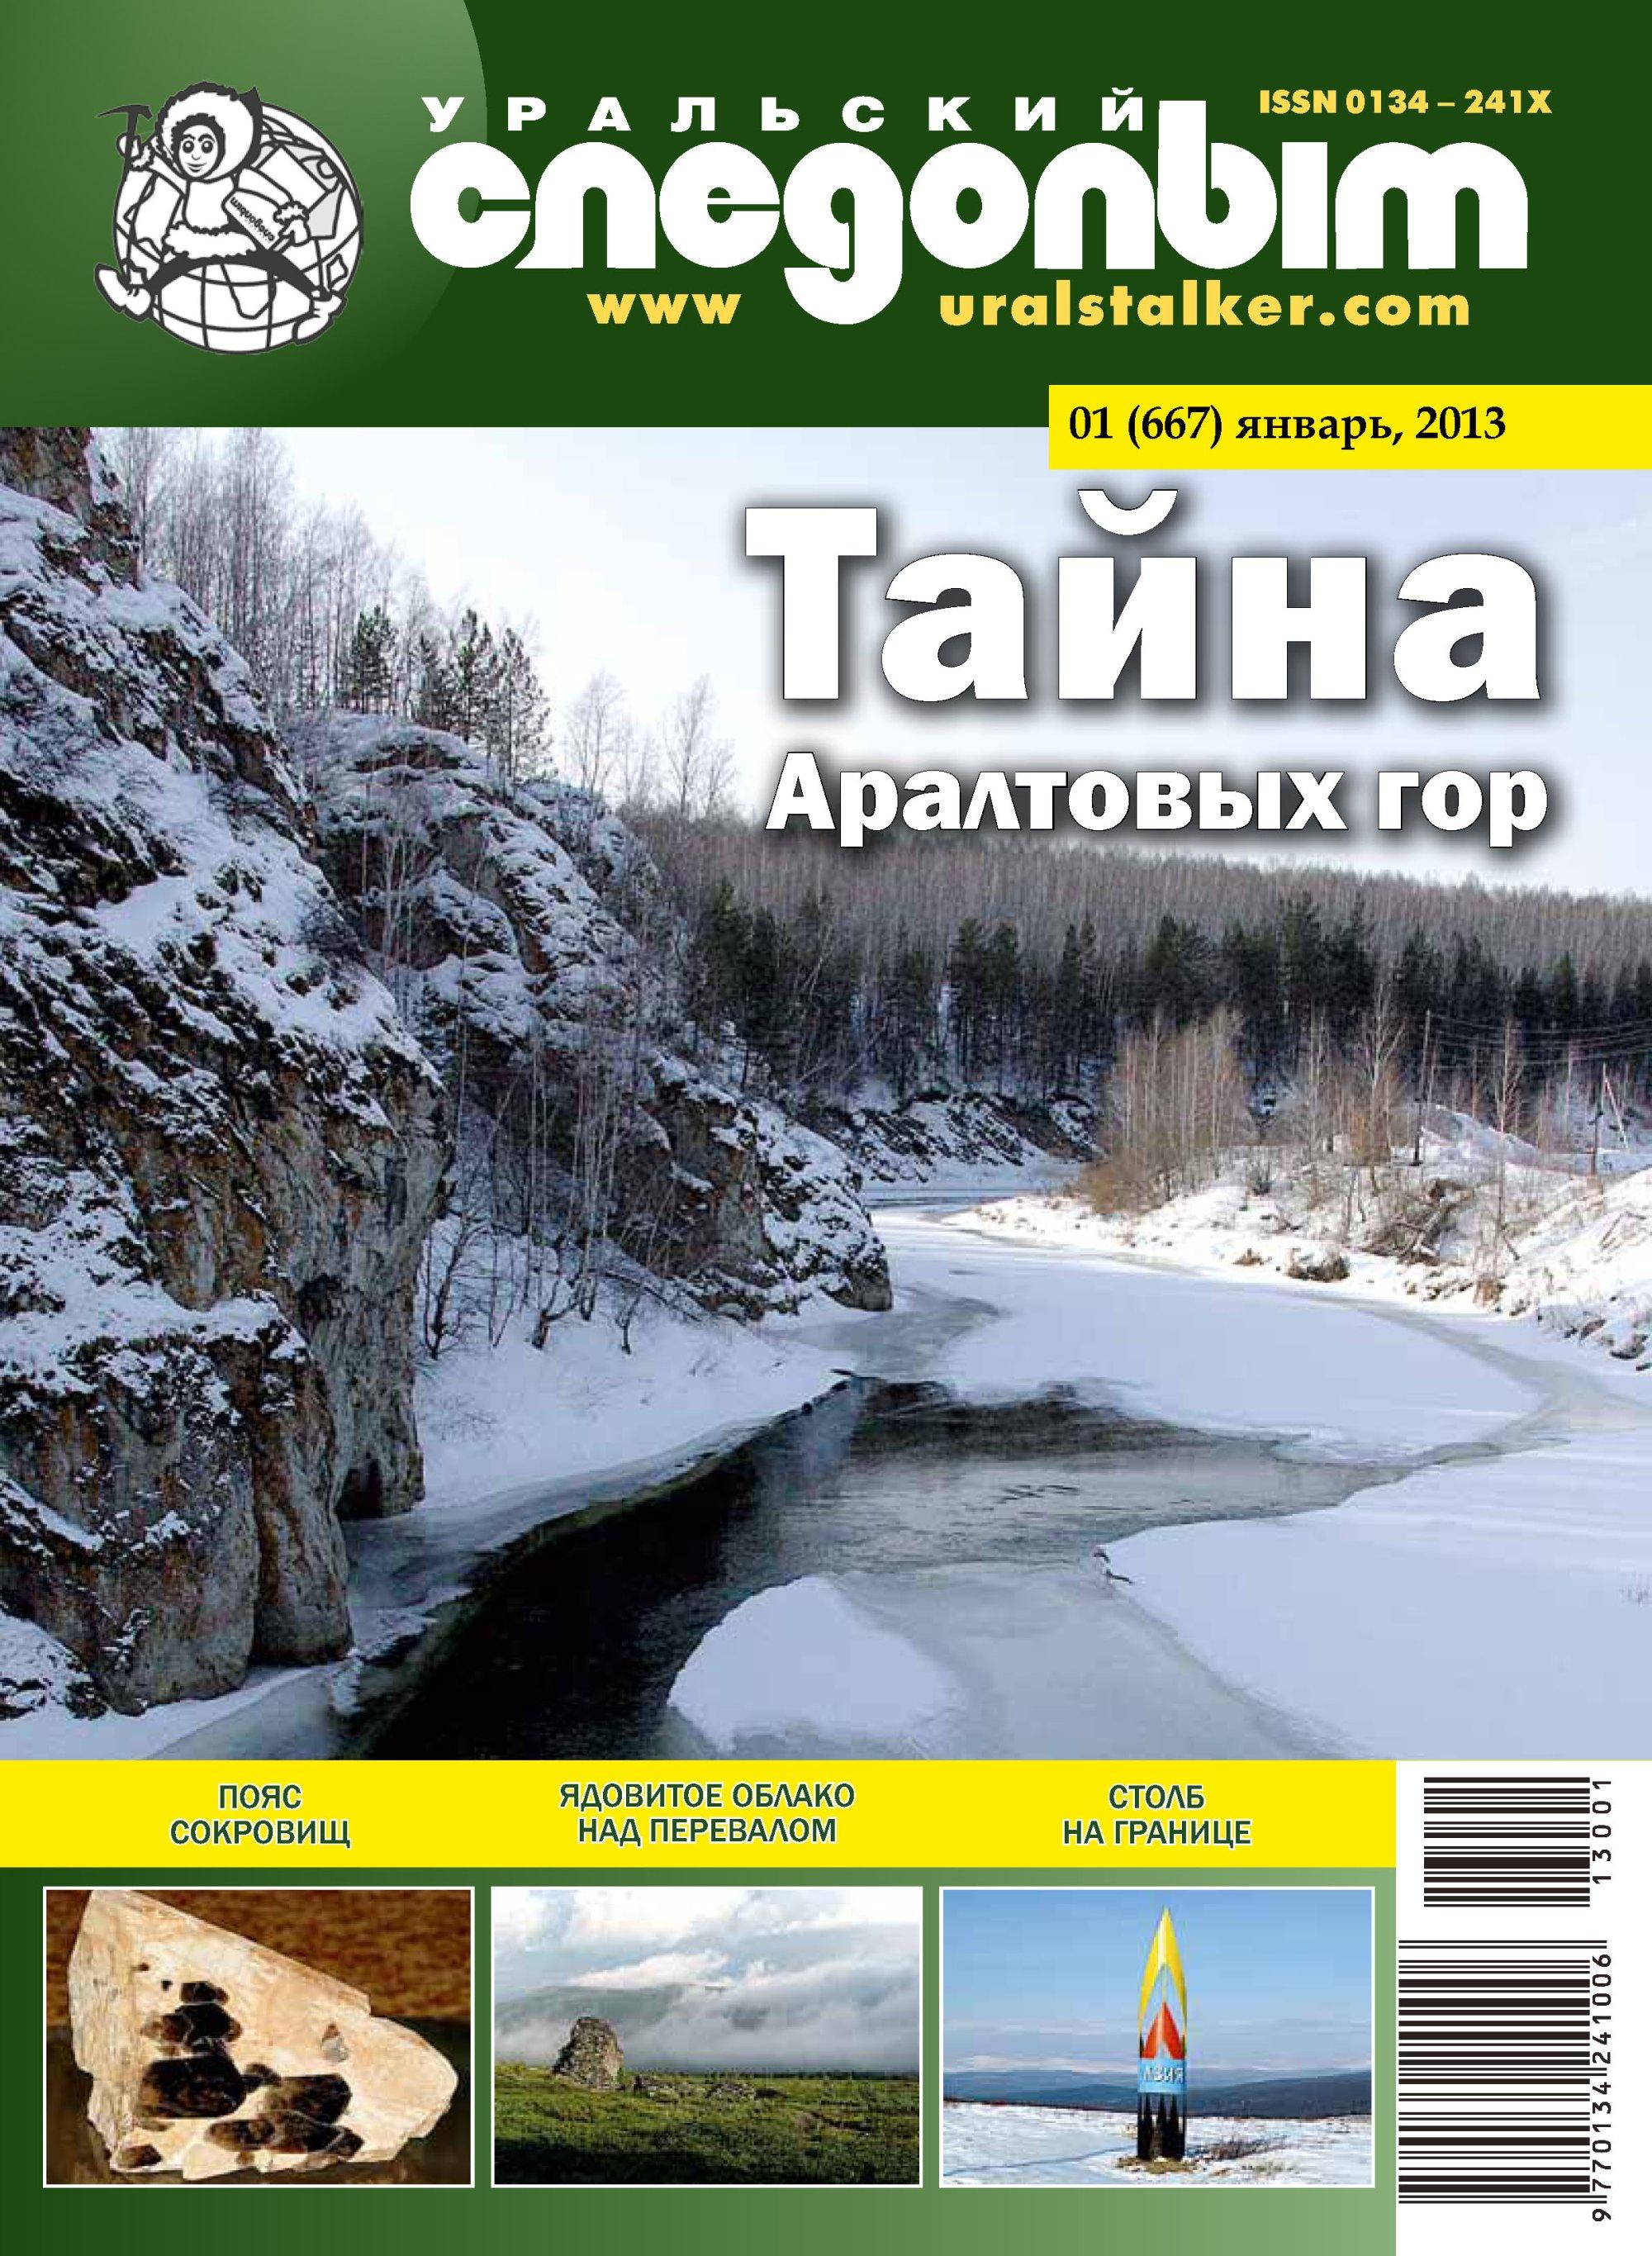 купить Отсутствует Уральский следопыт №01/2013 по цене 33.99 рублей